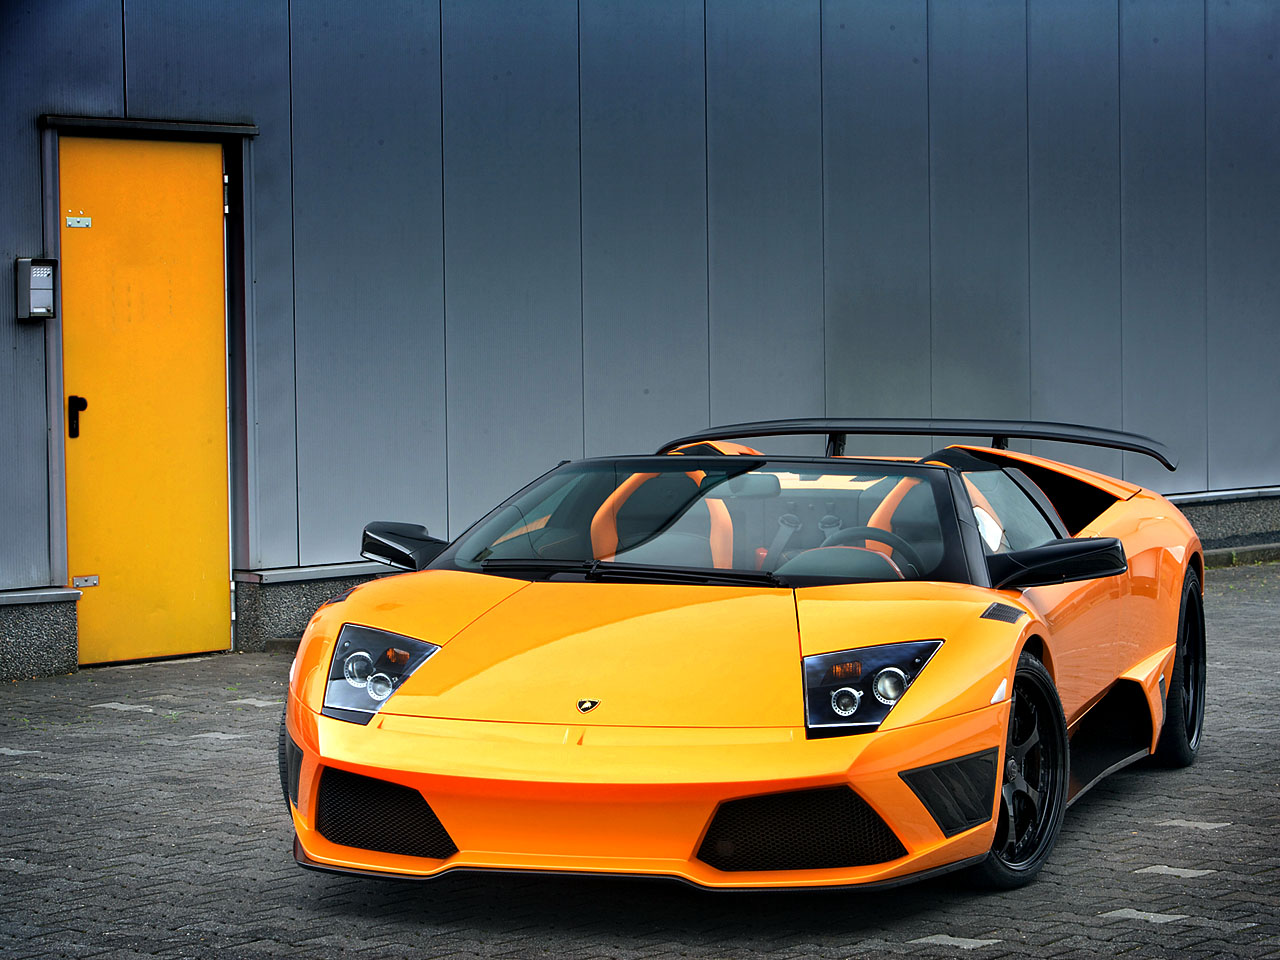 Luxury Lamborghini Cars Lamborghini Murcielago Gtr